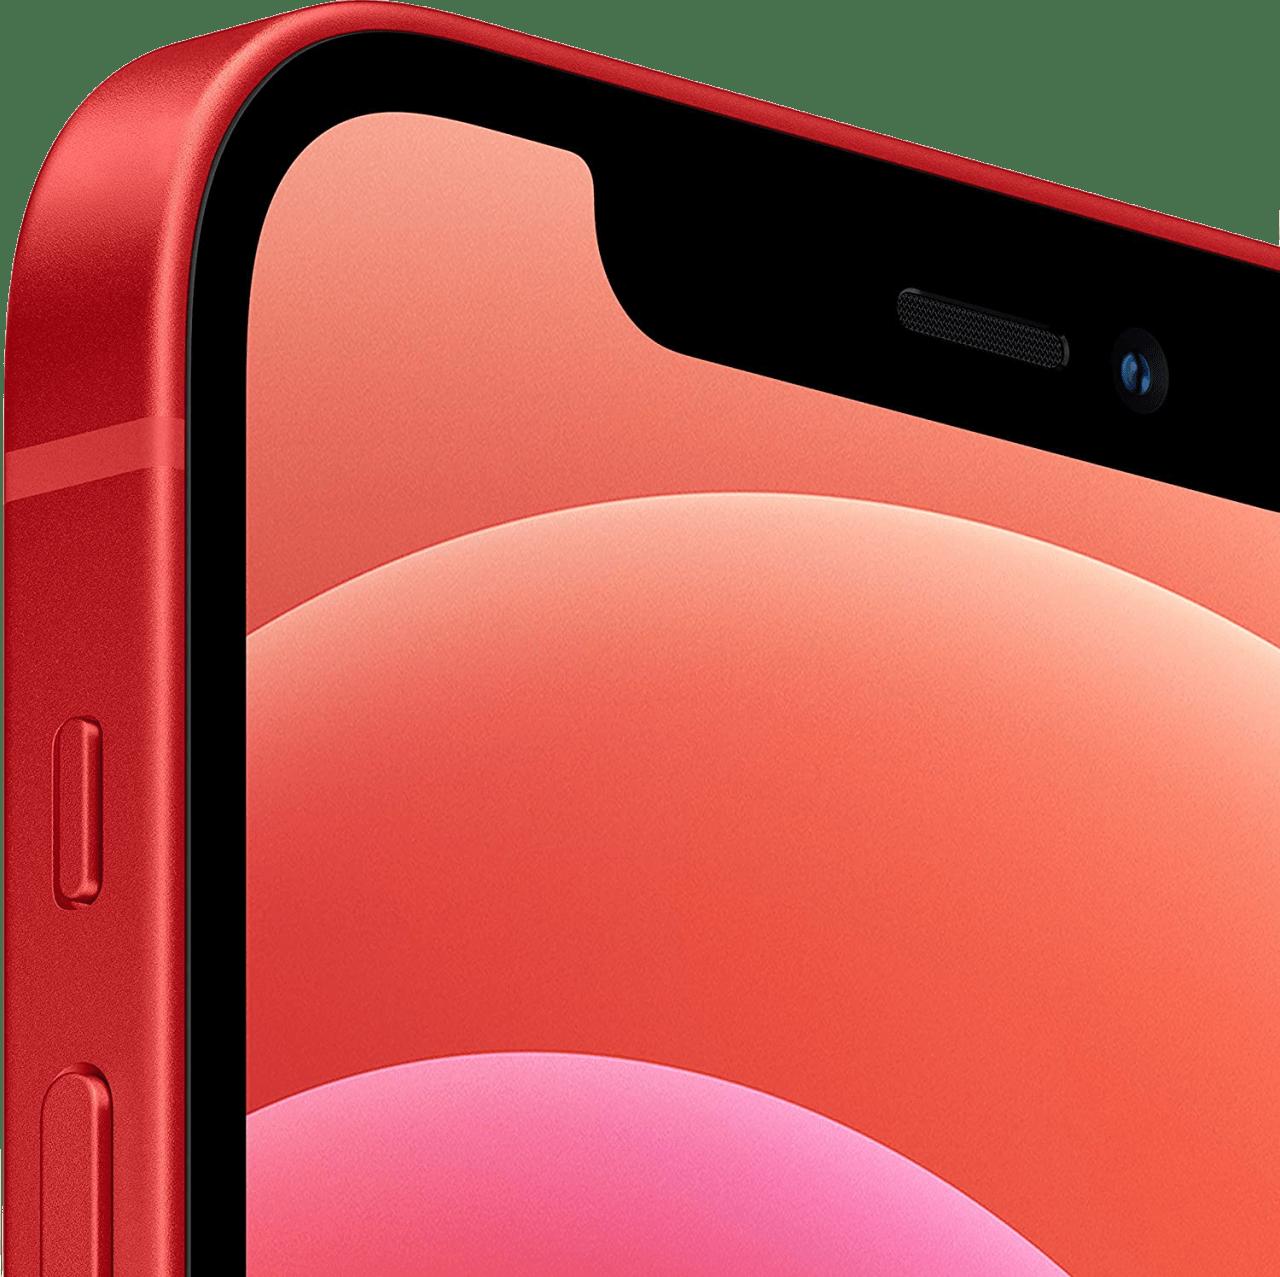 Rot Apple iPhone 12 mini 64GB.3